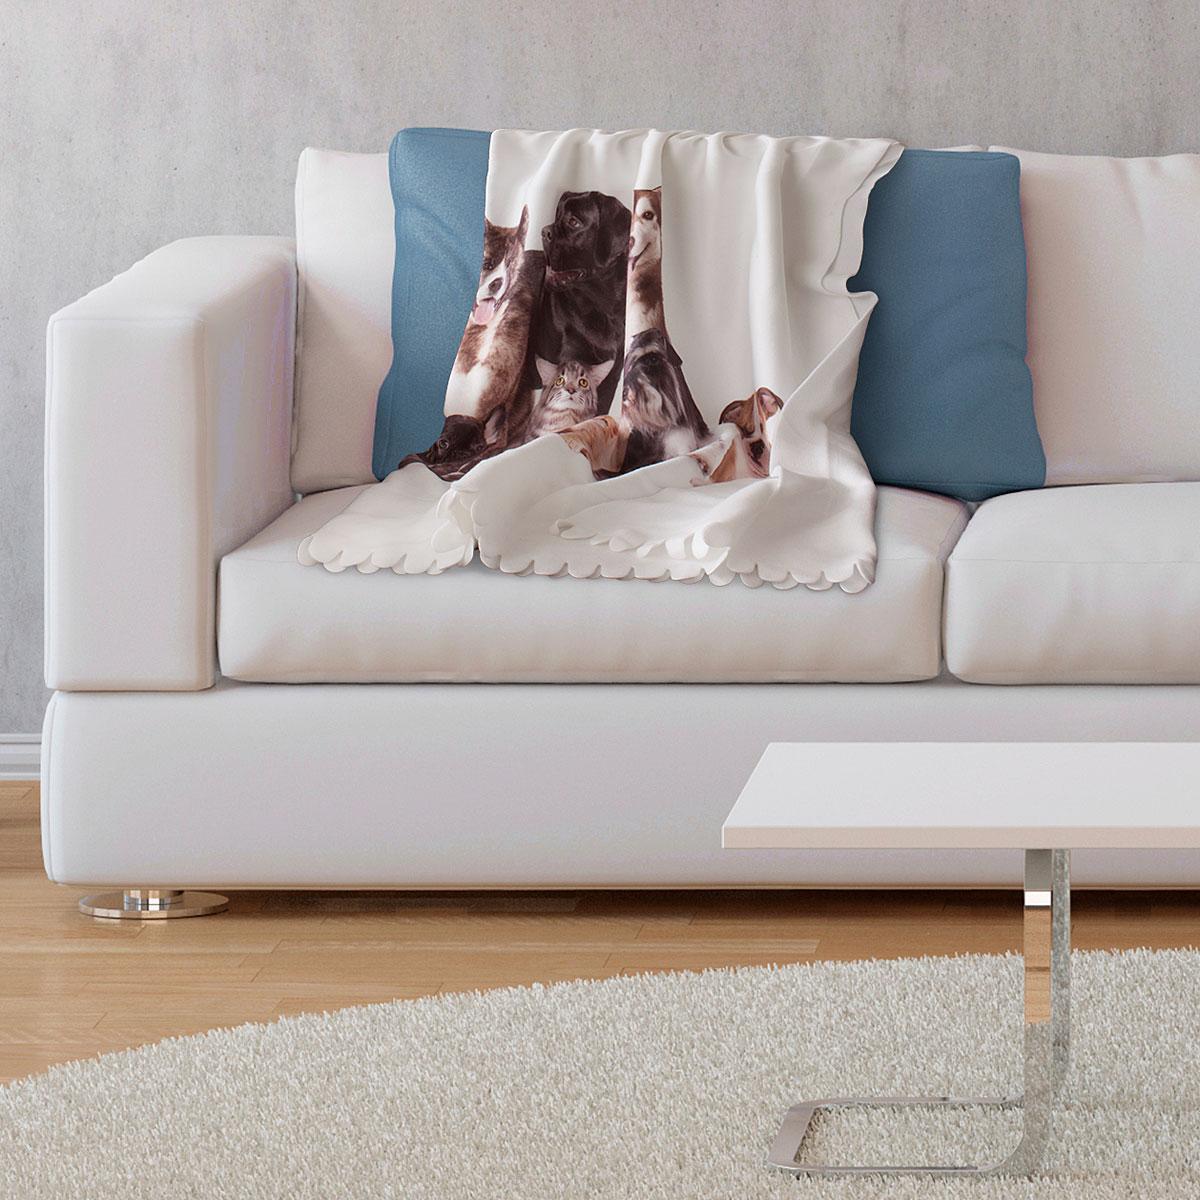 geschenkedirekt fleecedecke vliesdecke mit verschiedenen motiven f r kinder oder selbst. Black Bedroom Furniture Sets. Home Design Ideas